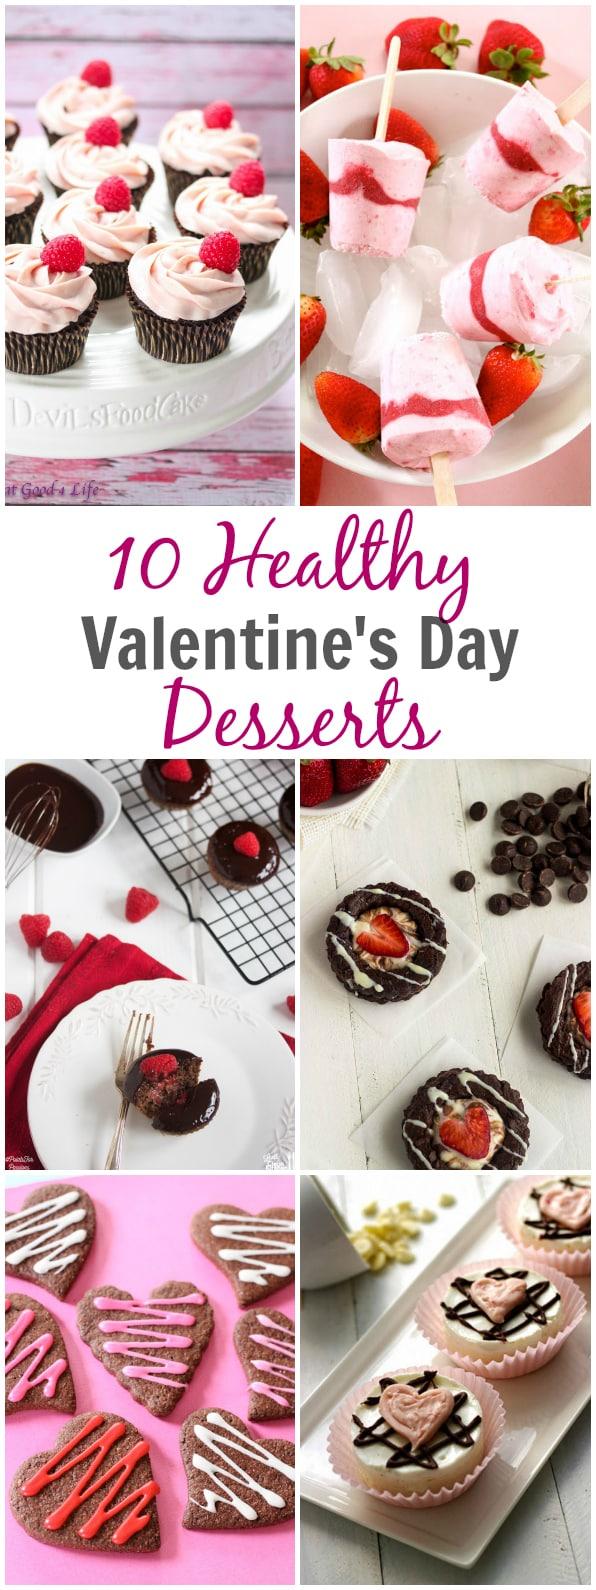 10 Healthy Valentine's Day Desserts 1